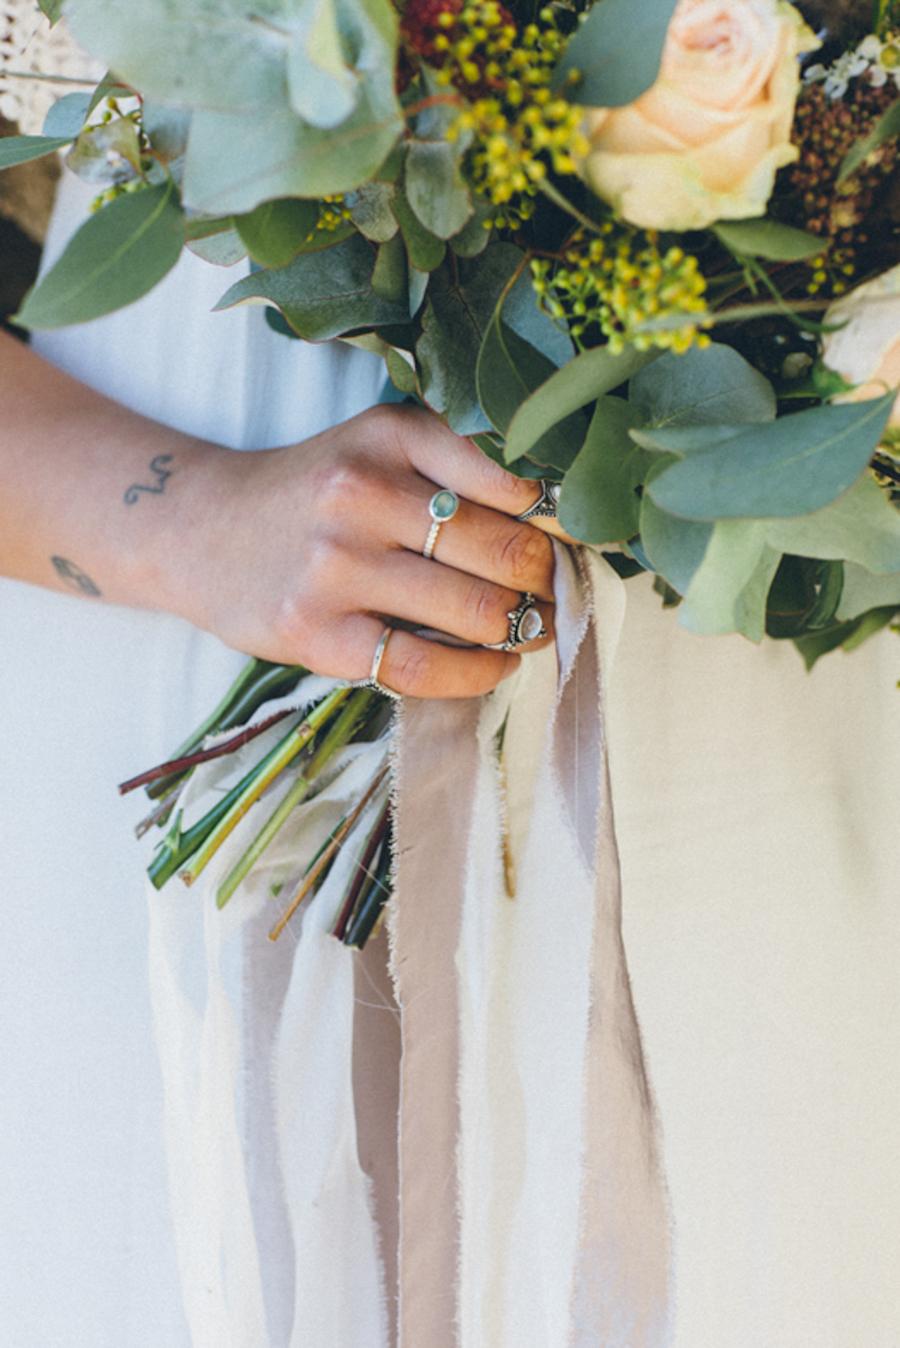 matrimonio-boho-chic-e-naturale-sweetphotofactory-wedding-wonderland-01